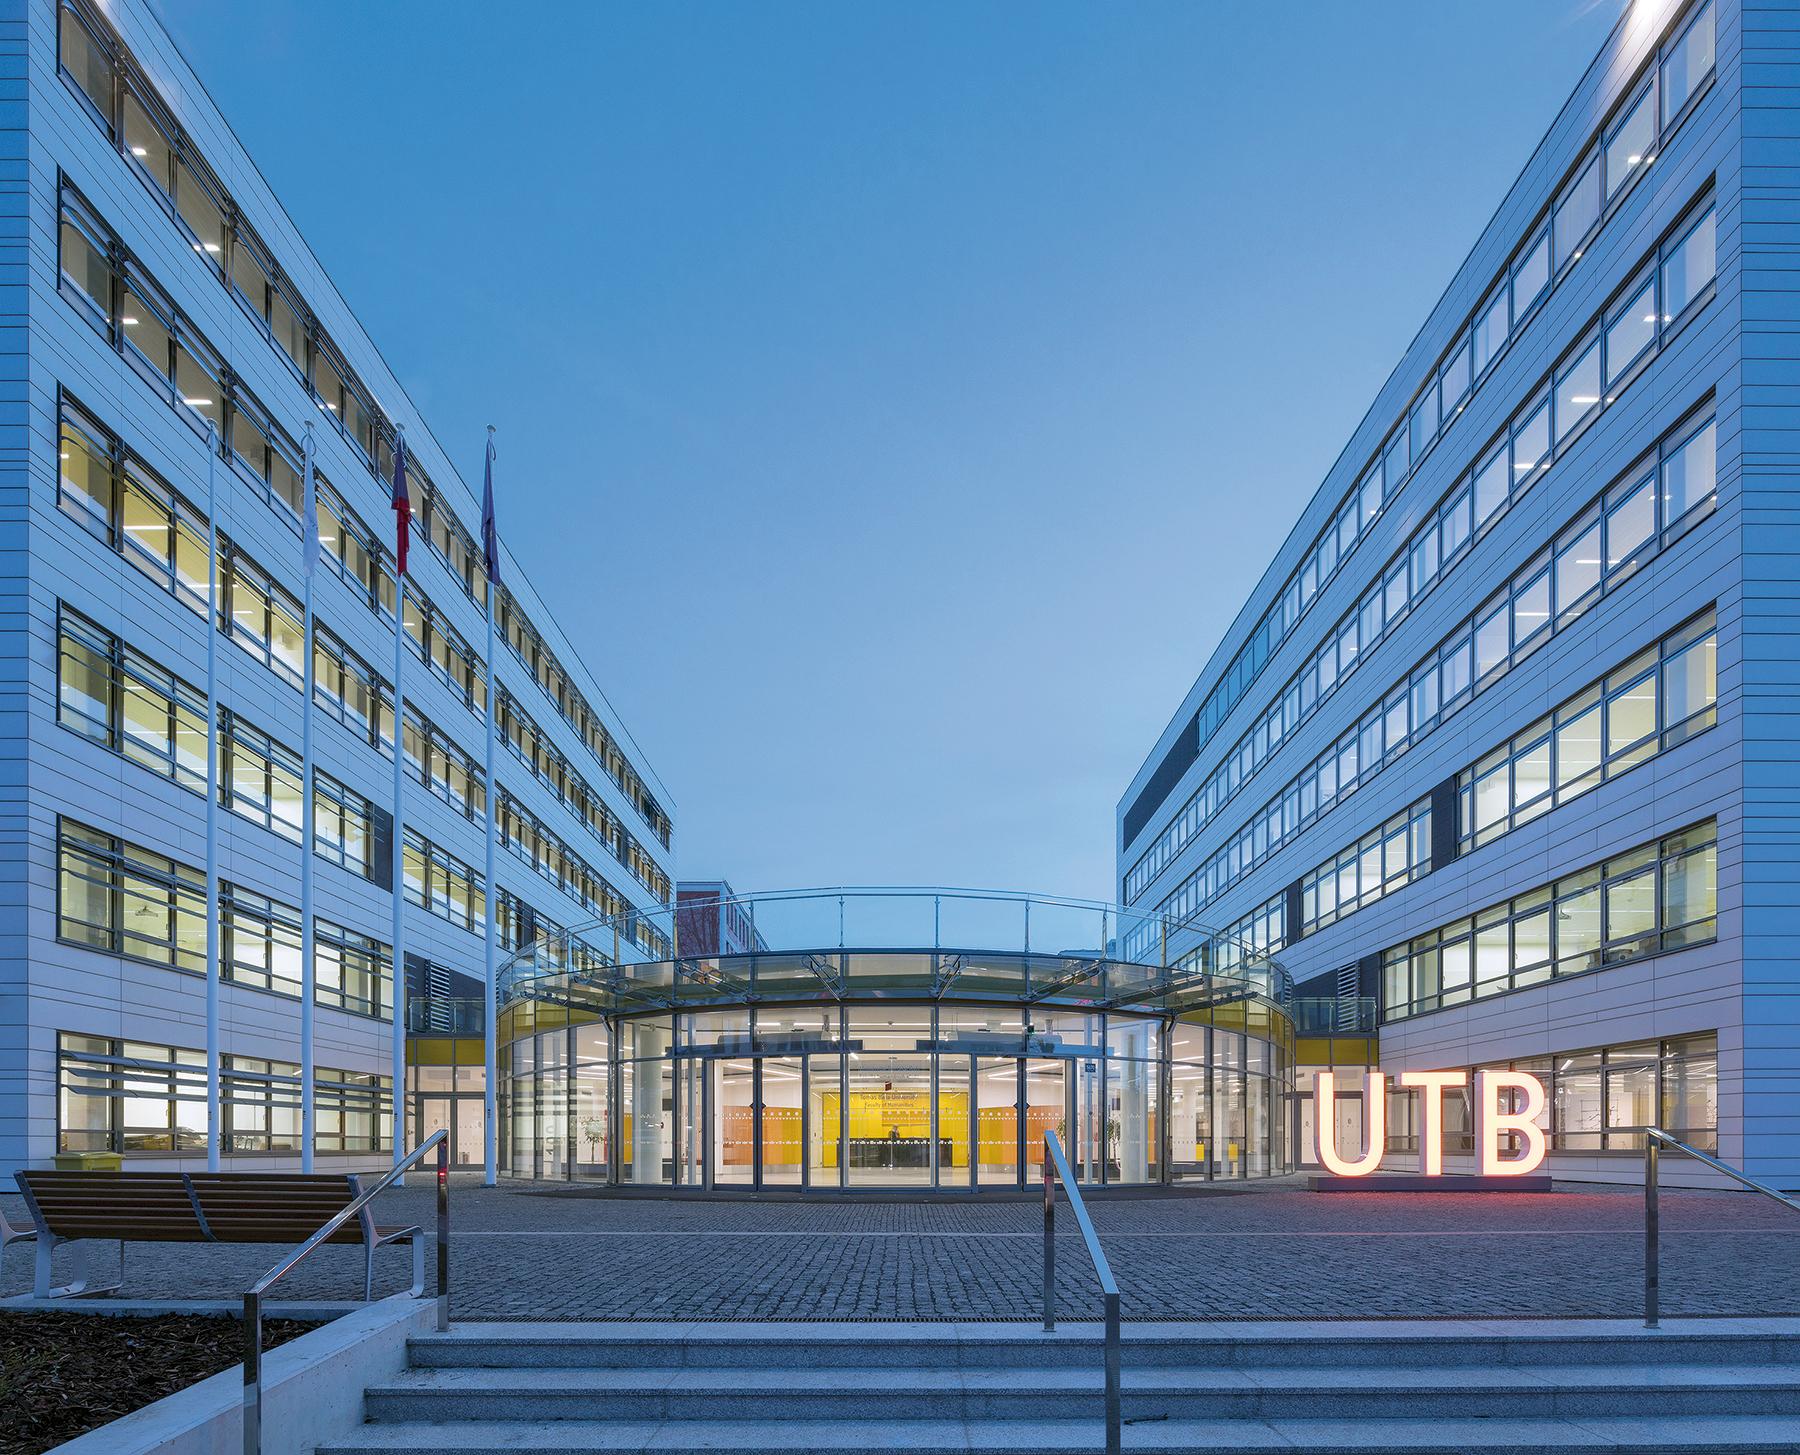 Vzdelávací komplex UTB od architektov AI-DESIGN  7aa429295a6